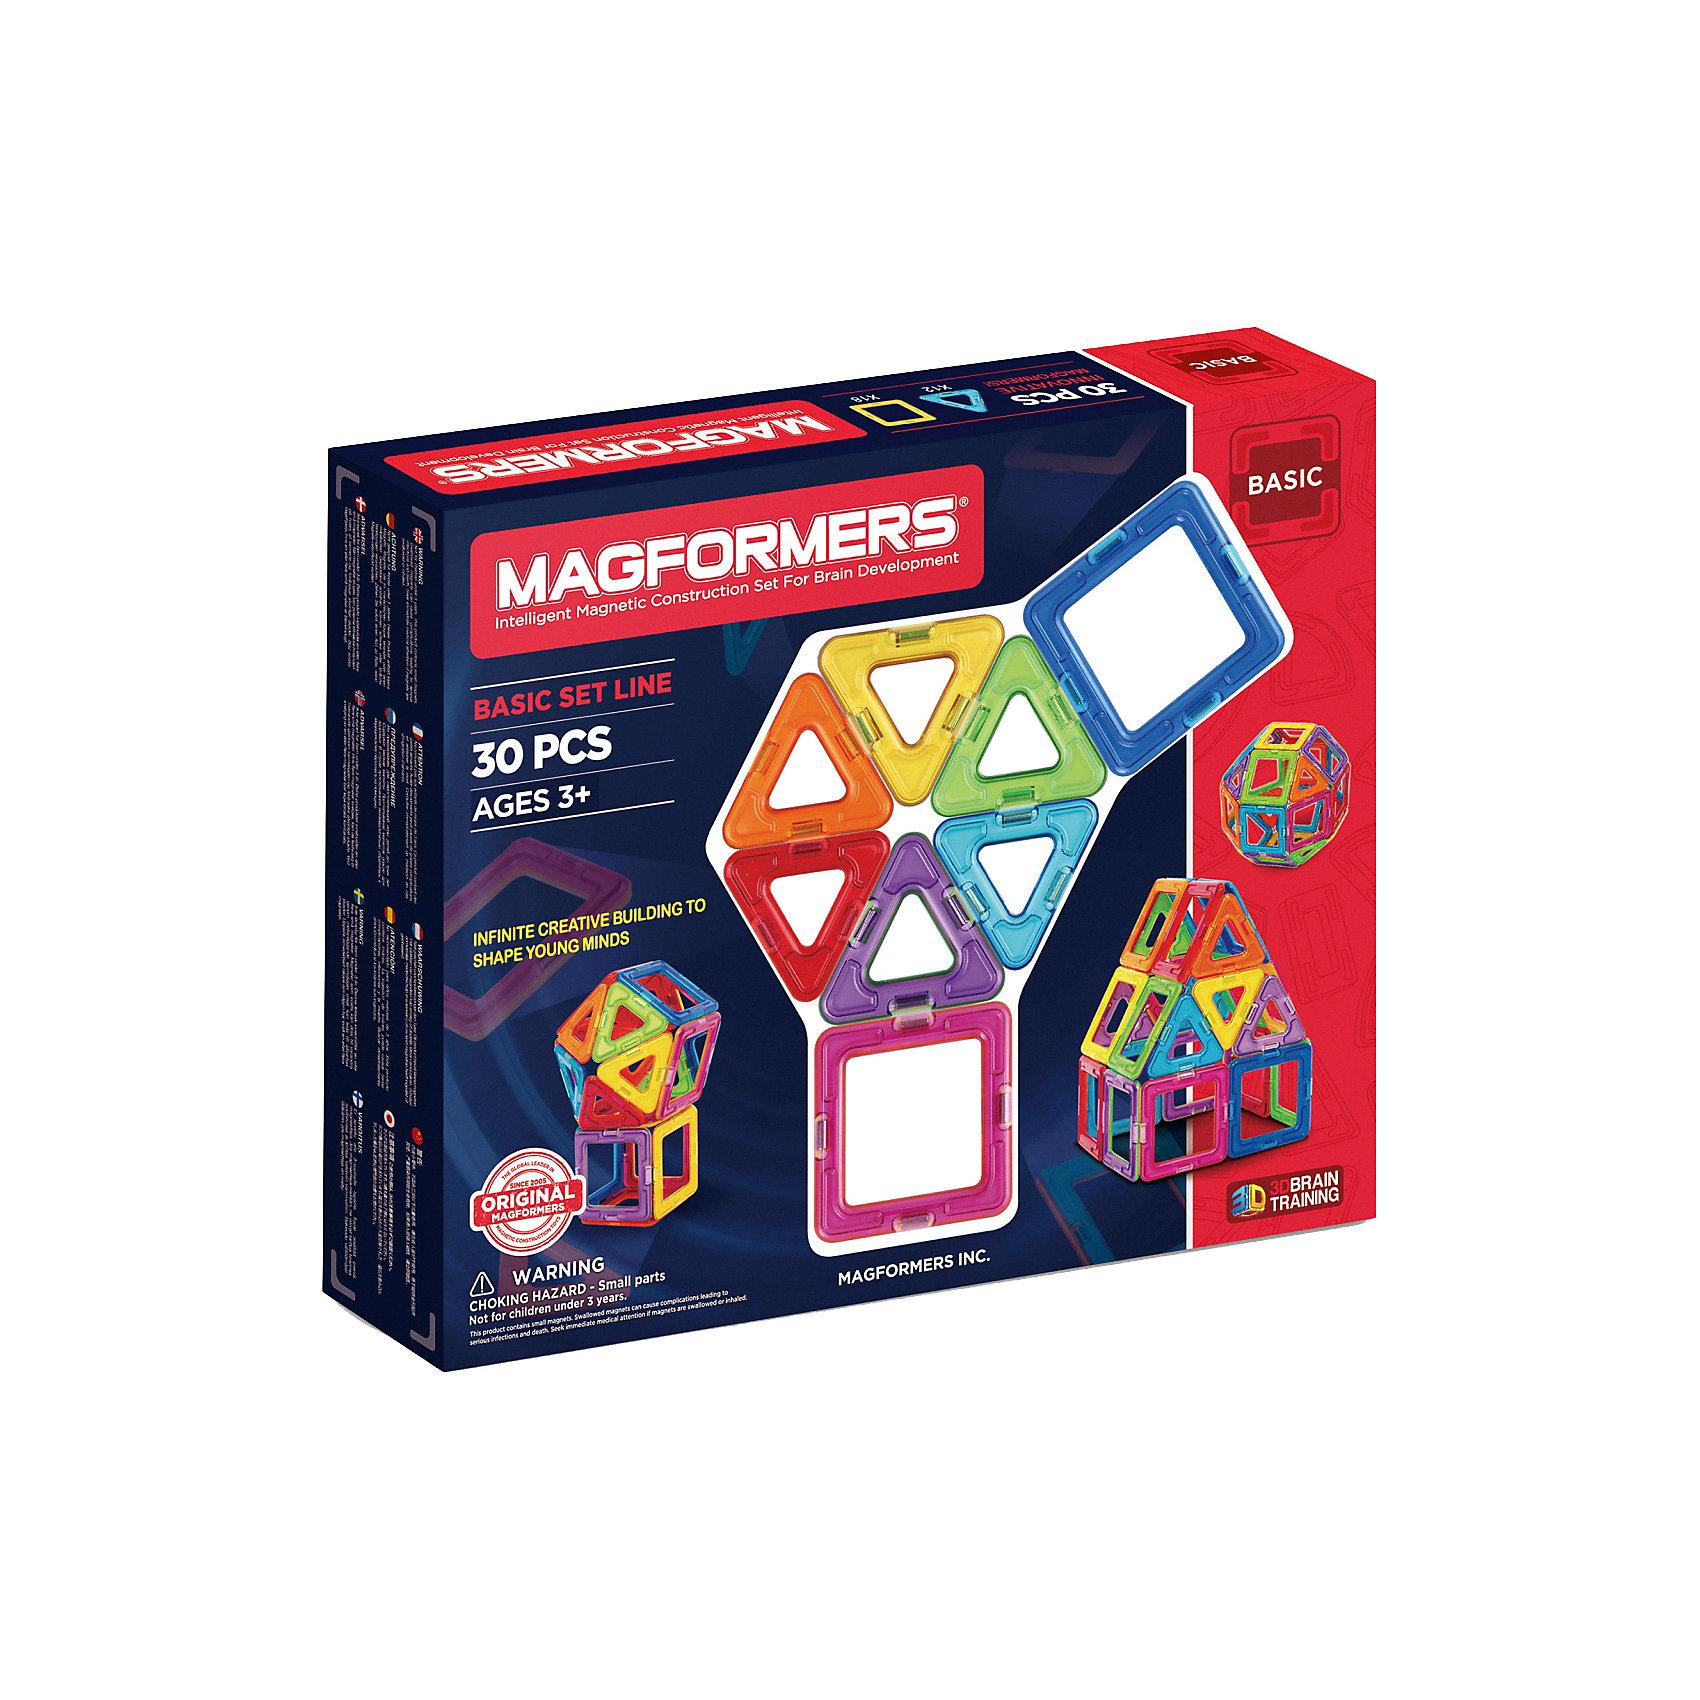 Магнитный конструктор, 30 деталей, MAGFORMERSМагнитный конструктор MAGFORMERS 30 -  уникальный магнитный конструктор, позволяющий создать множество интересных и необычных трехмерных конструкций.<br><br>Данный конструктор включает в себя  18 квадратов и 12 маленьких треугольников, с помощью которых Ваш ребенок сможет построить домик, объемный шар, башни, пирамиды, микрофон, маленький шарик и многое другое.<br><br>Яркий и цветной магнитный конструктор Magformers 30 понравится и мальчику, и девочке, а легкость сборки и многообразие решений позволят ребенку играть с этой игрушкой каждый день!<br><br>Игрушка развивает моторику, воображение и творческие способности Вашего ребенка.<br><br>Дополнительная информация:<br><br>- В комплект входят: 12 треугольников, 18 квадратов.<br>- Материалы: металл, магниты.<br><br>Магнитный конструктор MAGFORMERS 30 можно купить в нашем интернет-магазине.<br><br>Ширина мм: 230<br>Глубина мм: 220<br>Высота мм: 50<br>Вес г: 400<br>Возраст от месяцев: 36<br>Возраст до месяцев: 192<br>Пол: Унисекс<br>Возраст: Детский<br>SKU: 3323945